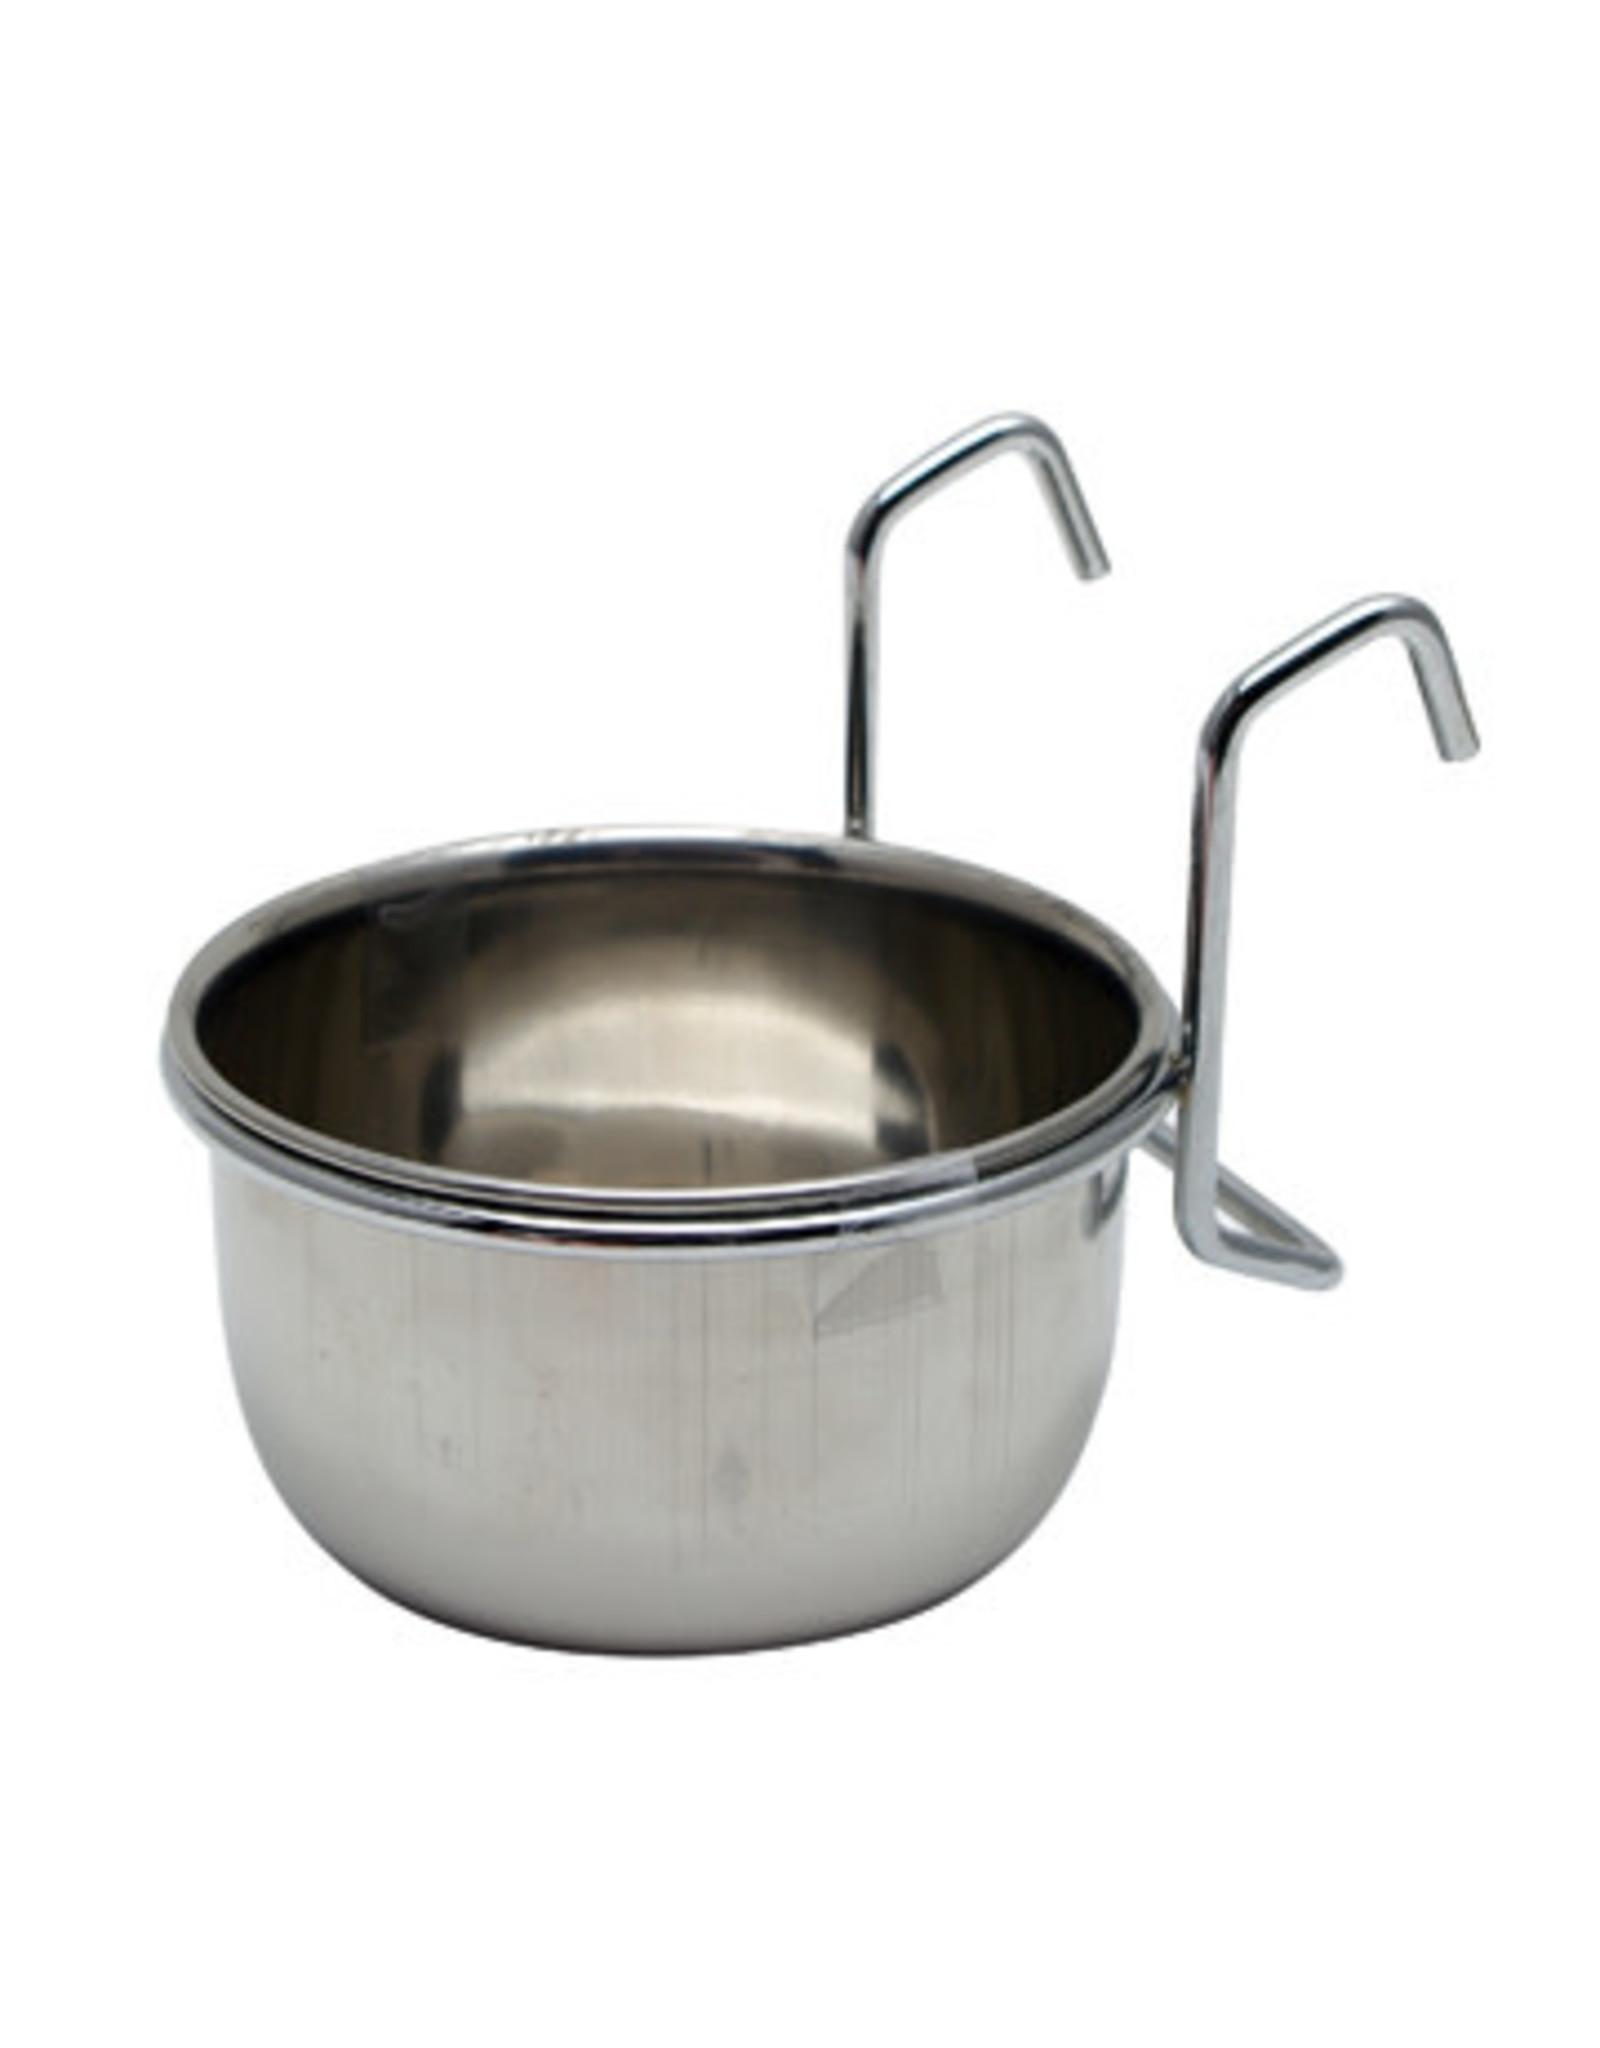 Living World Living World Stainless Steel Dish - 283.5 g (10 oz)